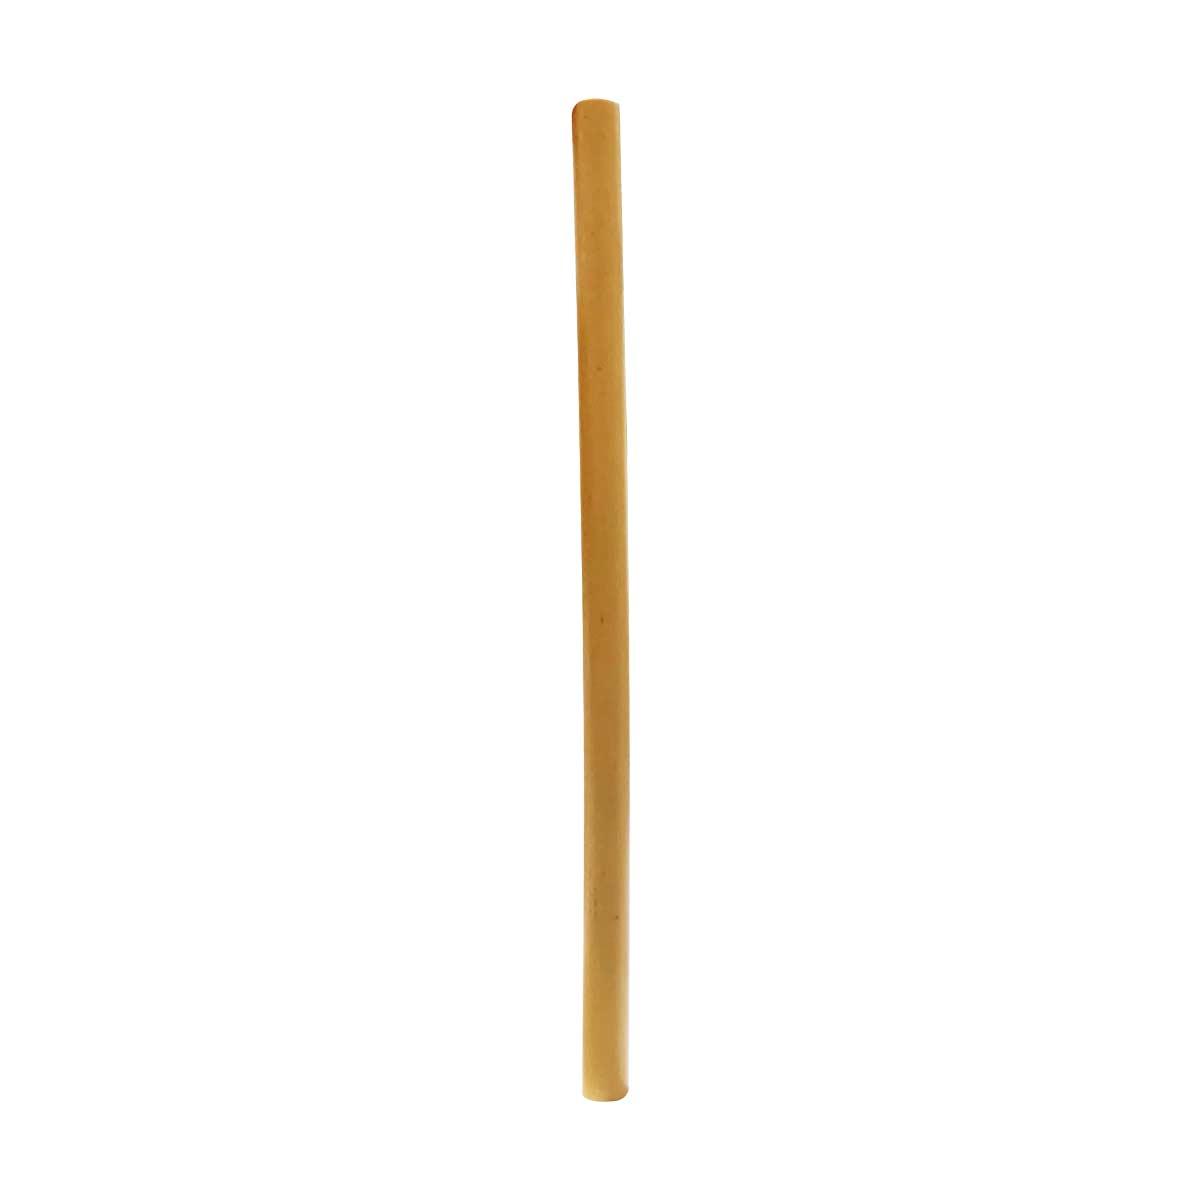 Kit Misto 5 em 1 - Bambu - Inox Preto - Vidro + Escova + Bag